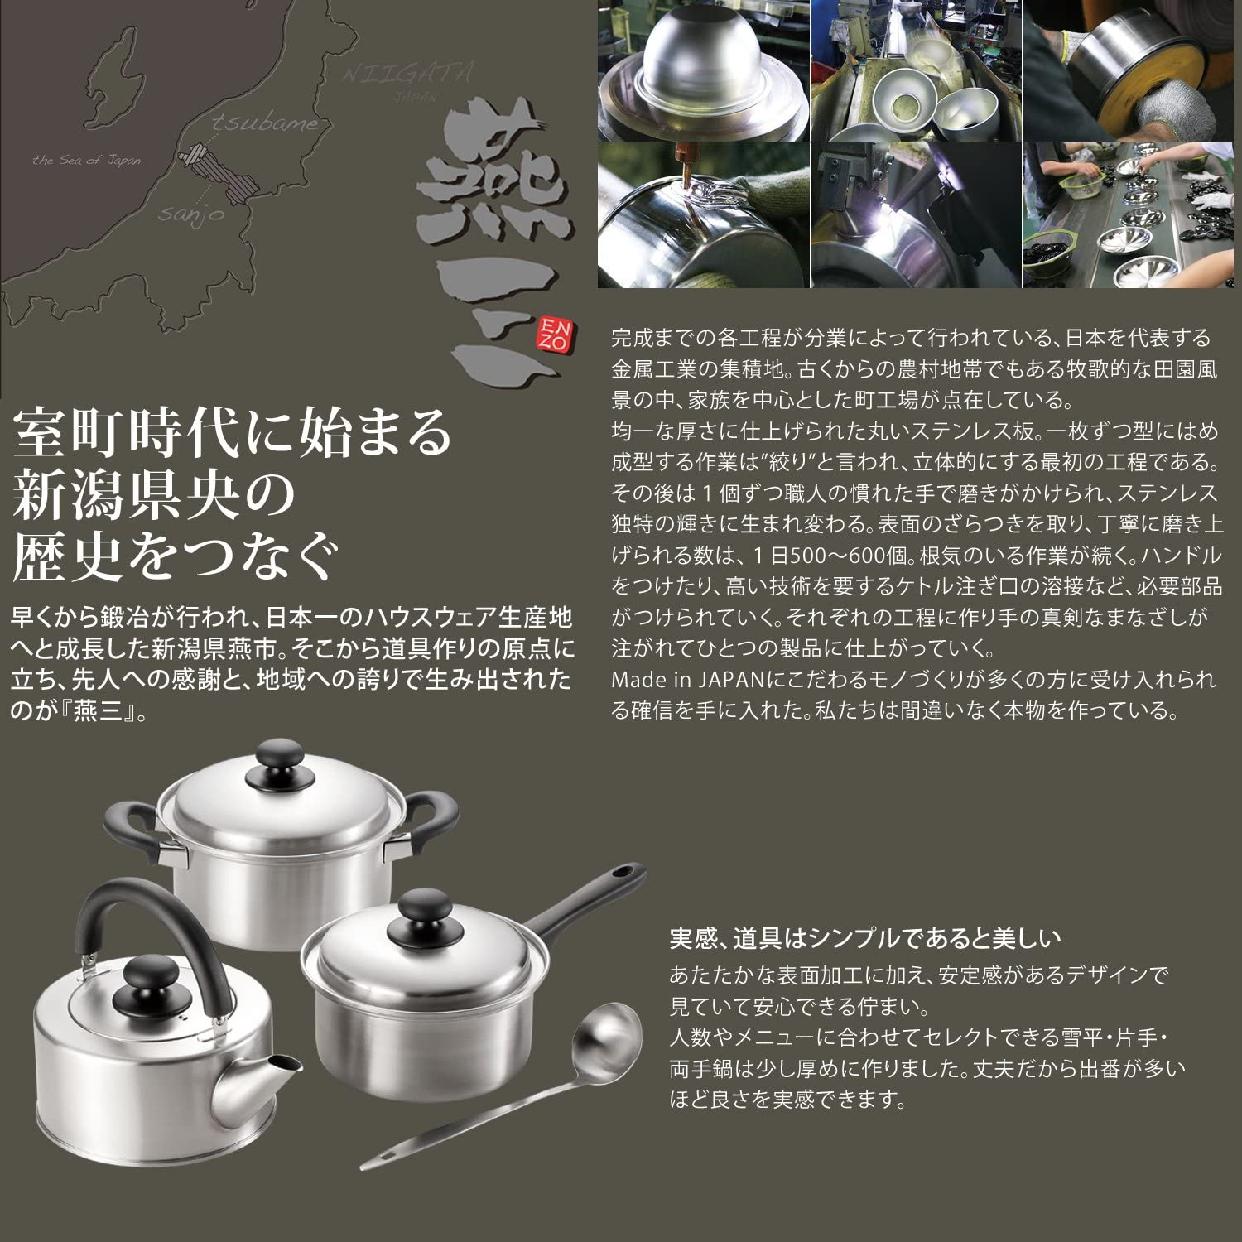 和平フレイズ(FREIZ) 燕三 雪平鍋16cm EM-8119の商品画像2